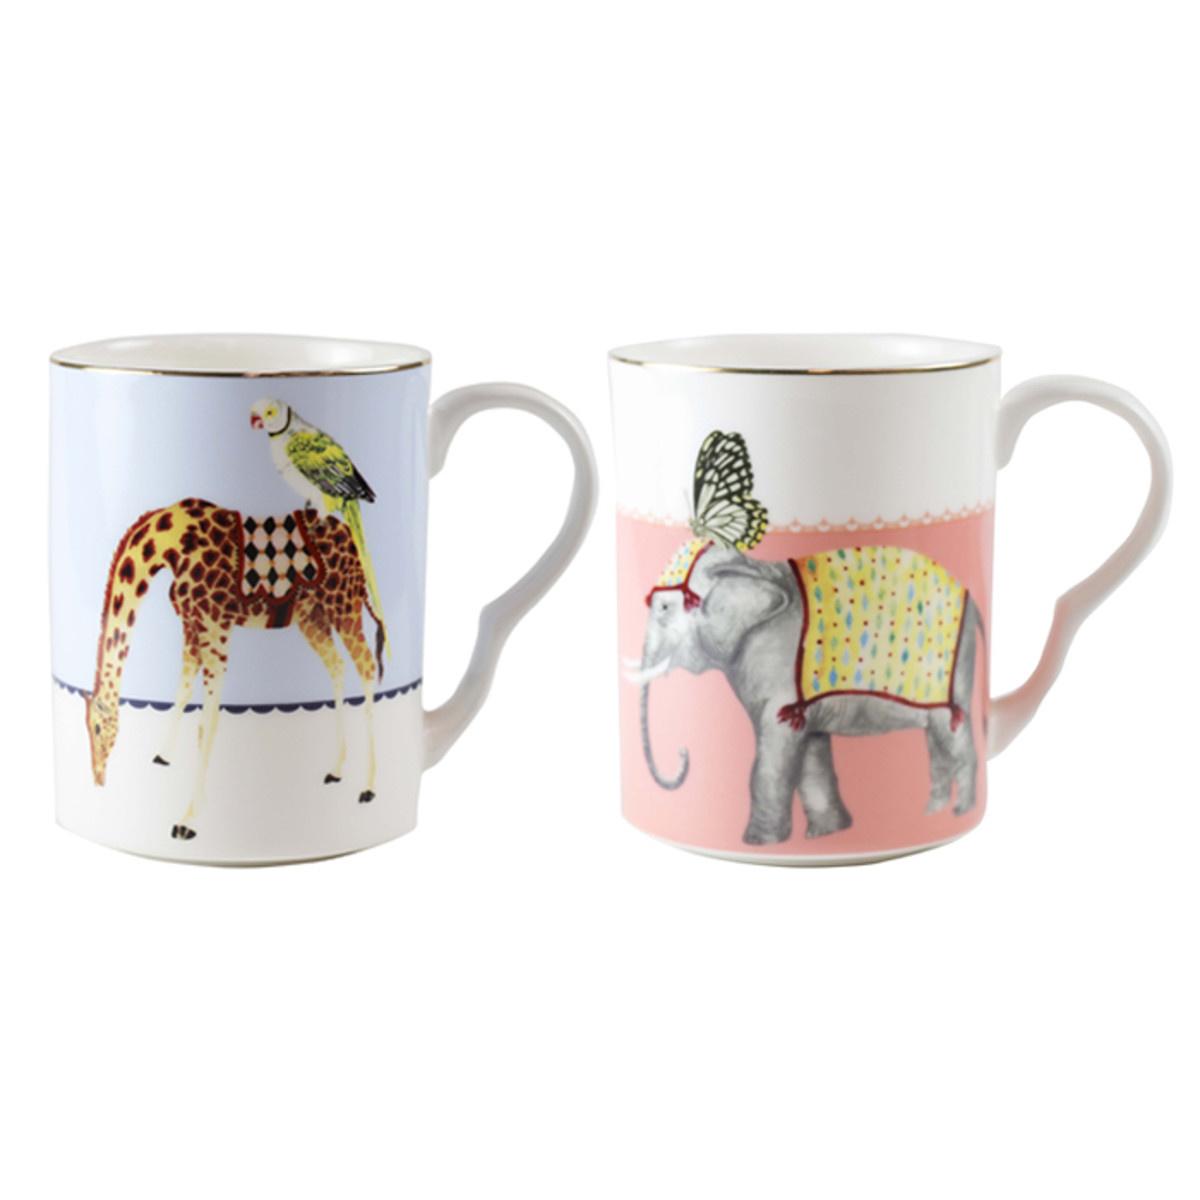 Yvonne Ellen London Yvonne Ellen London Carnival Animal Set of 2 Mugs 375 ml - Bone China - In Beautiful Giftbox